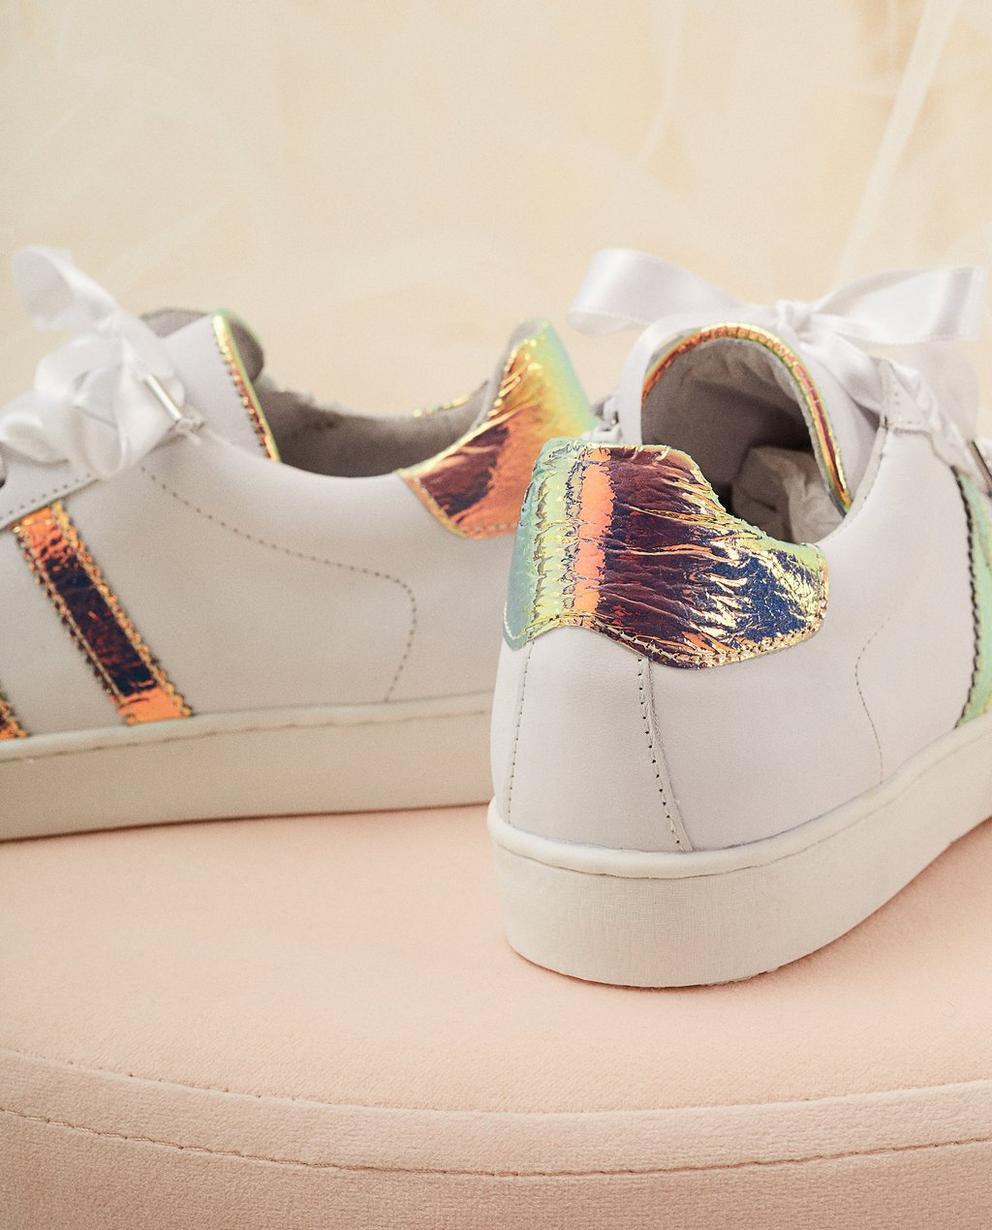 Schuhe - Weiss - Sneaker aus Leder